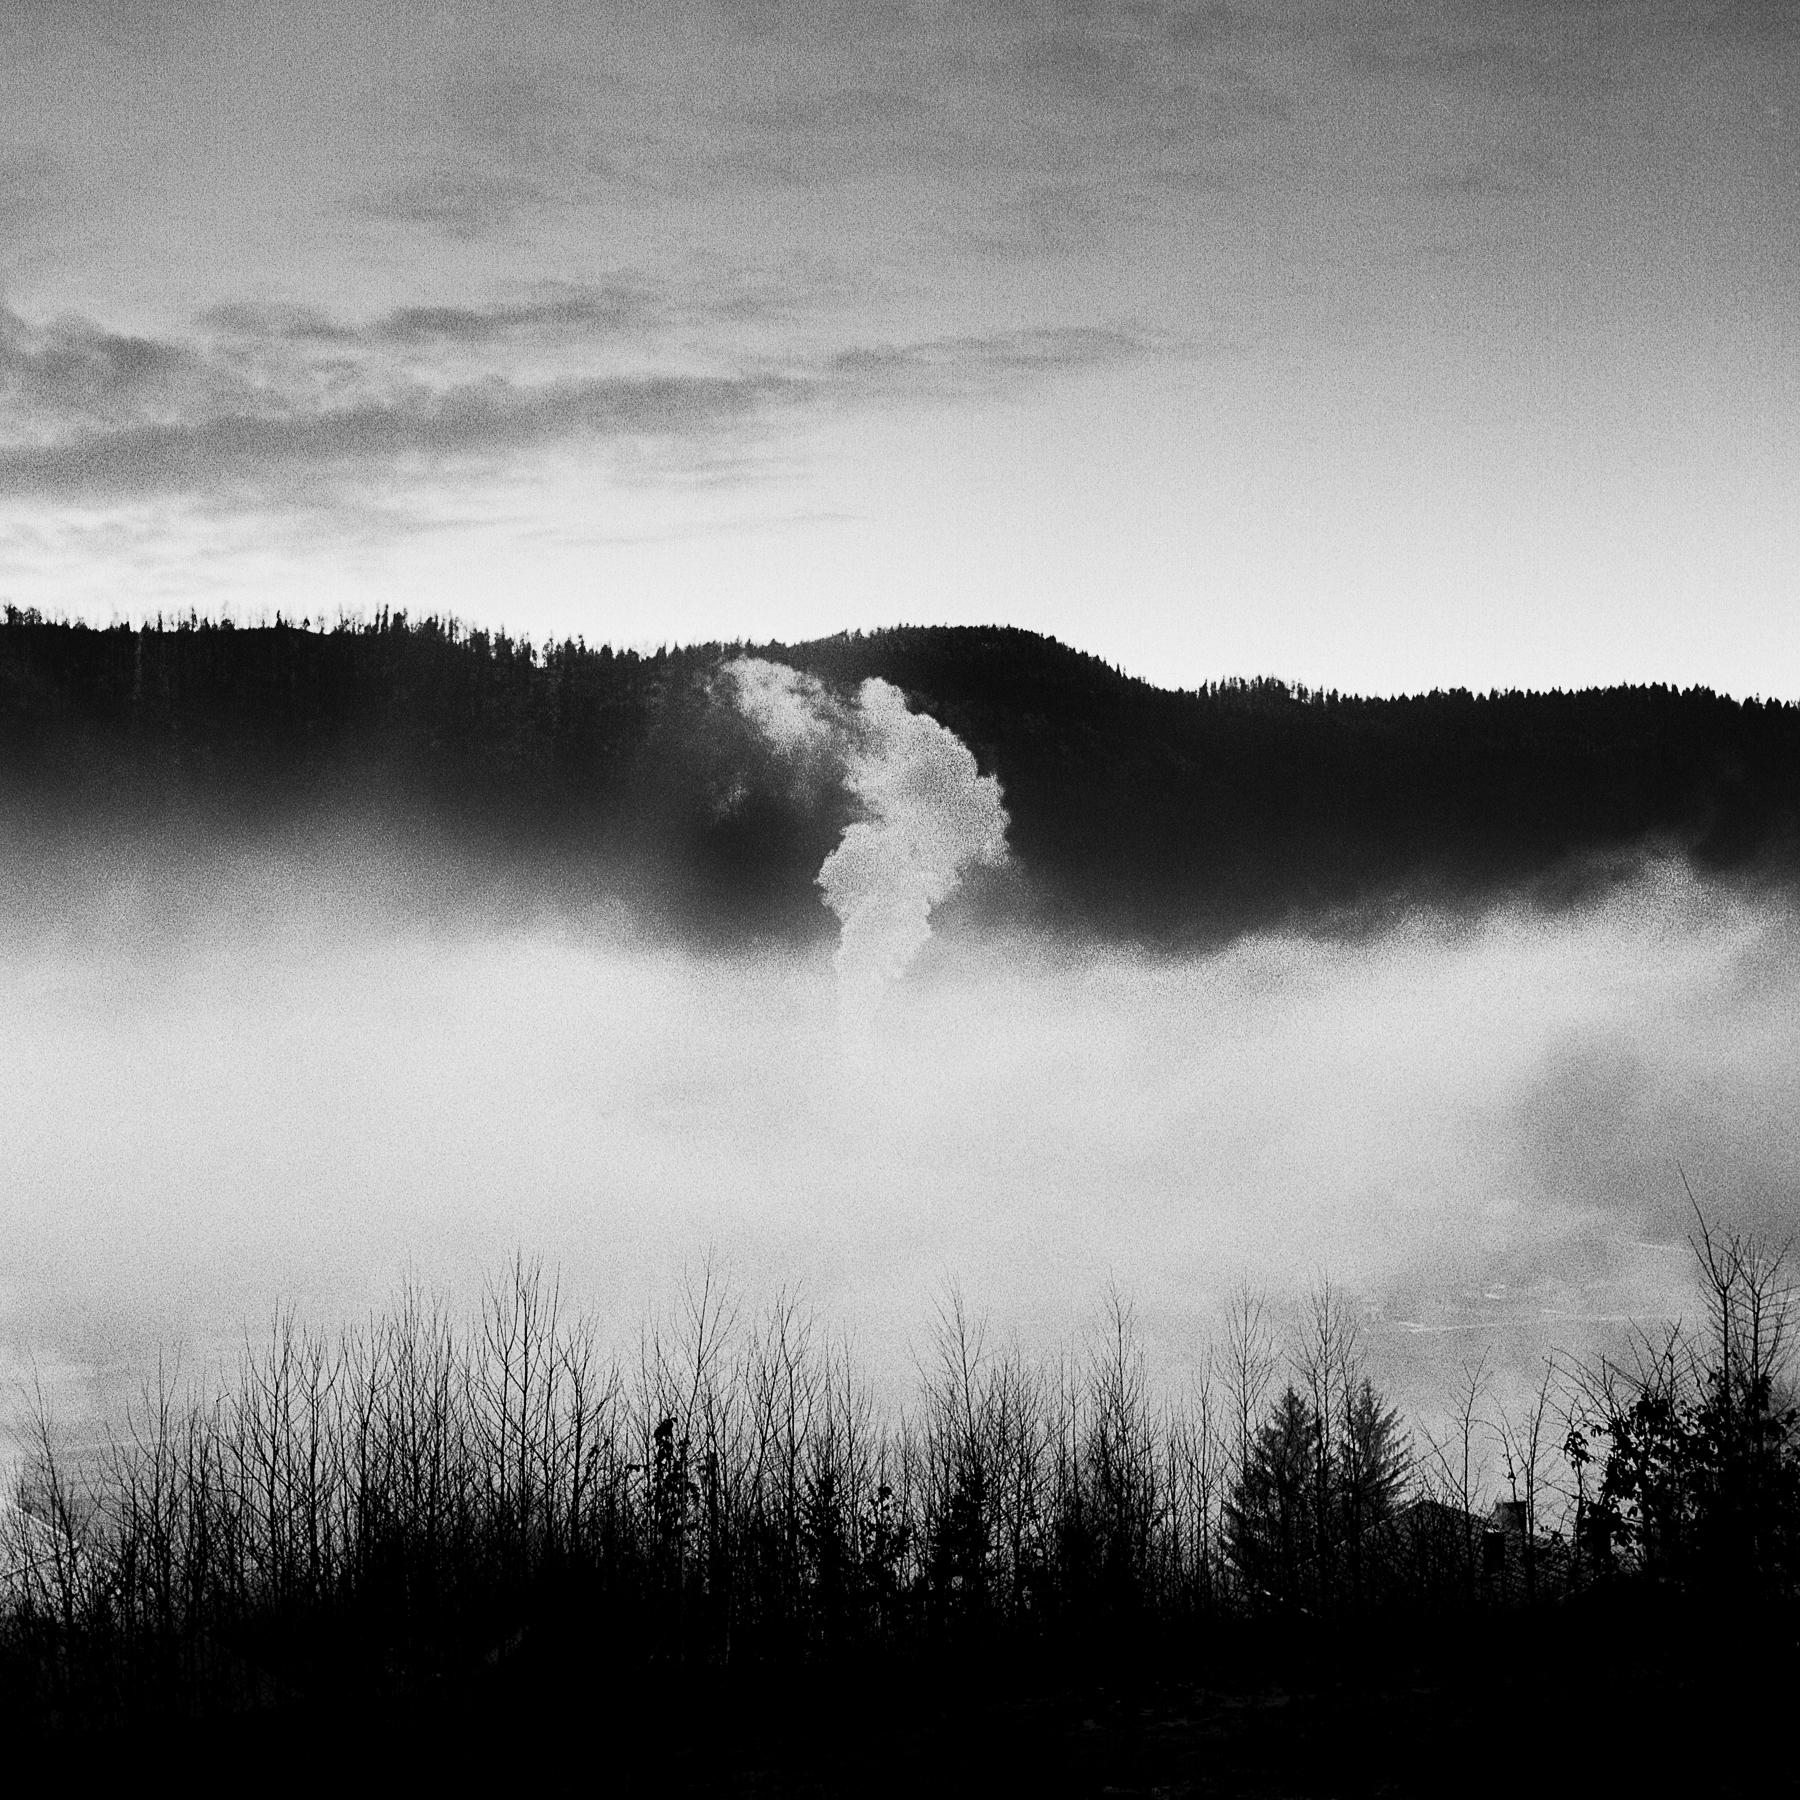 Gerovo | Hasselblad 500 c/m | 80mm Planar | Josip Sore